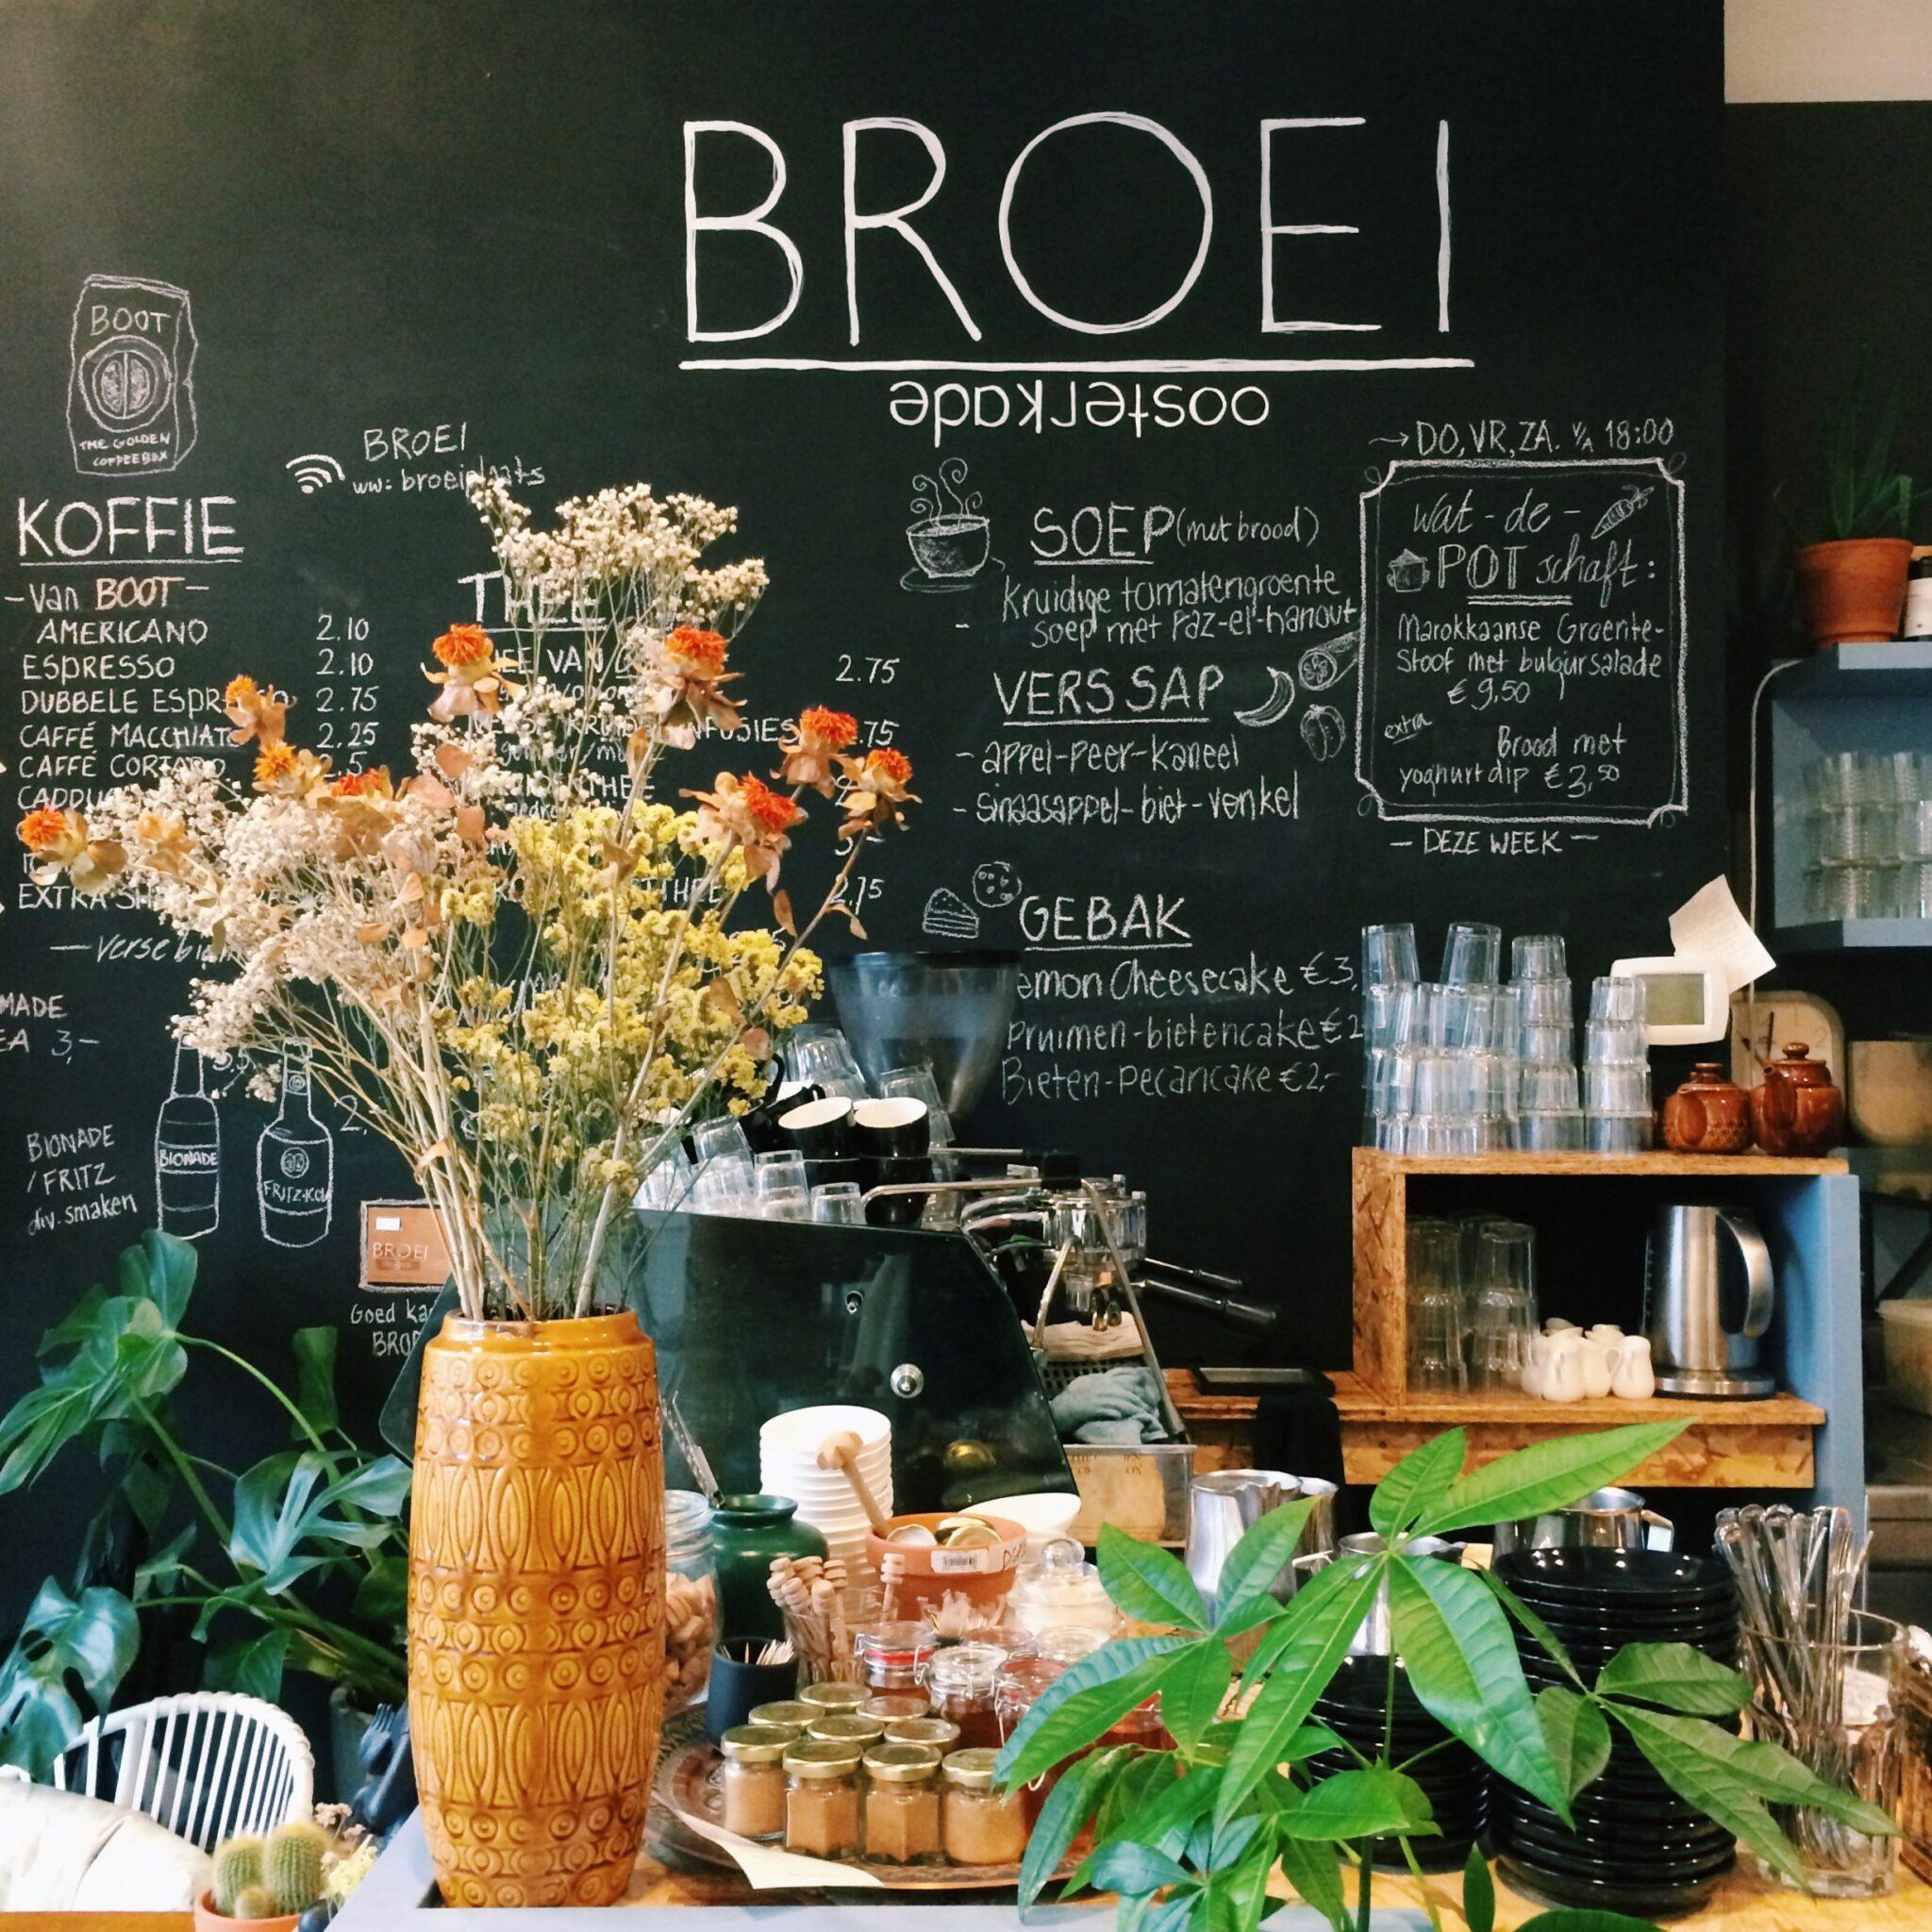 IMG 8091 - Bar Broei Utrecht